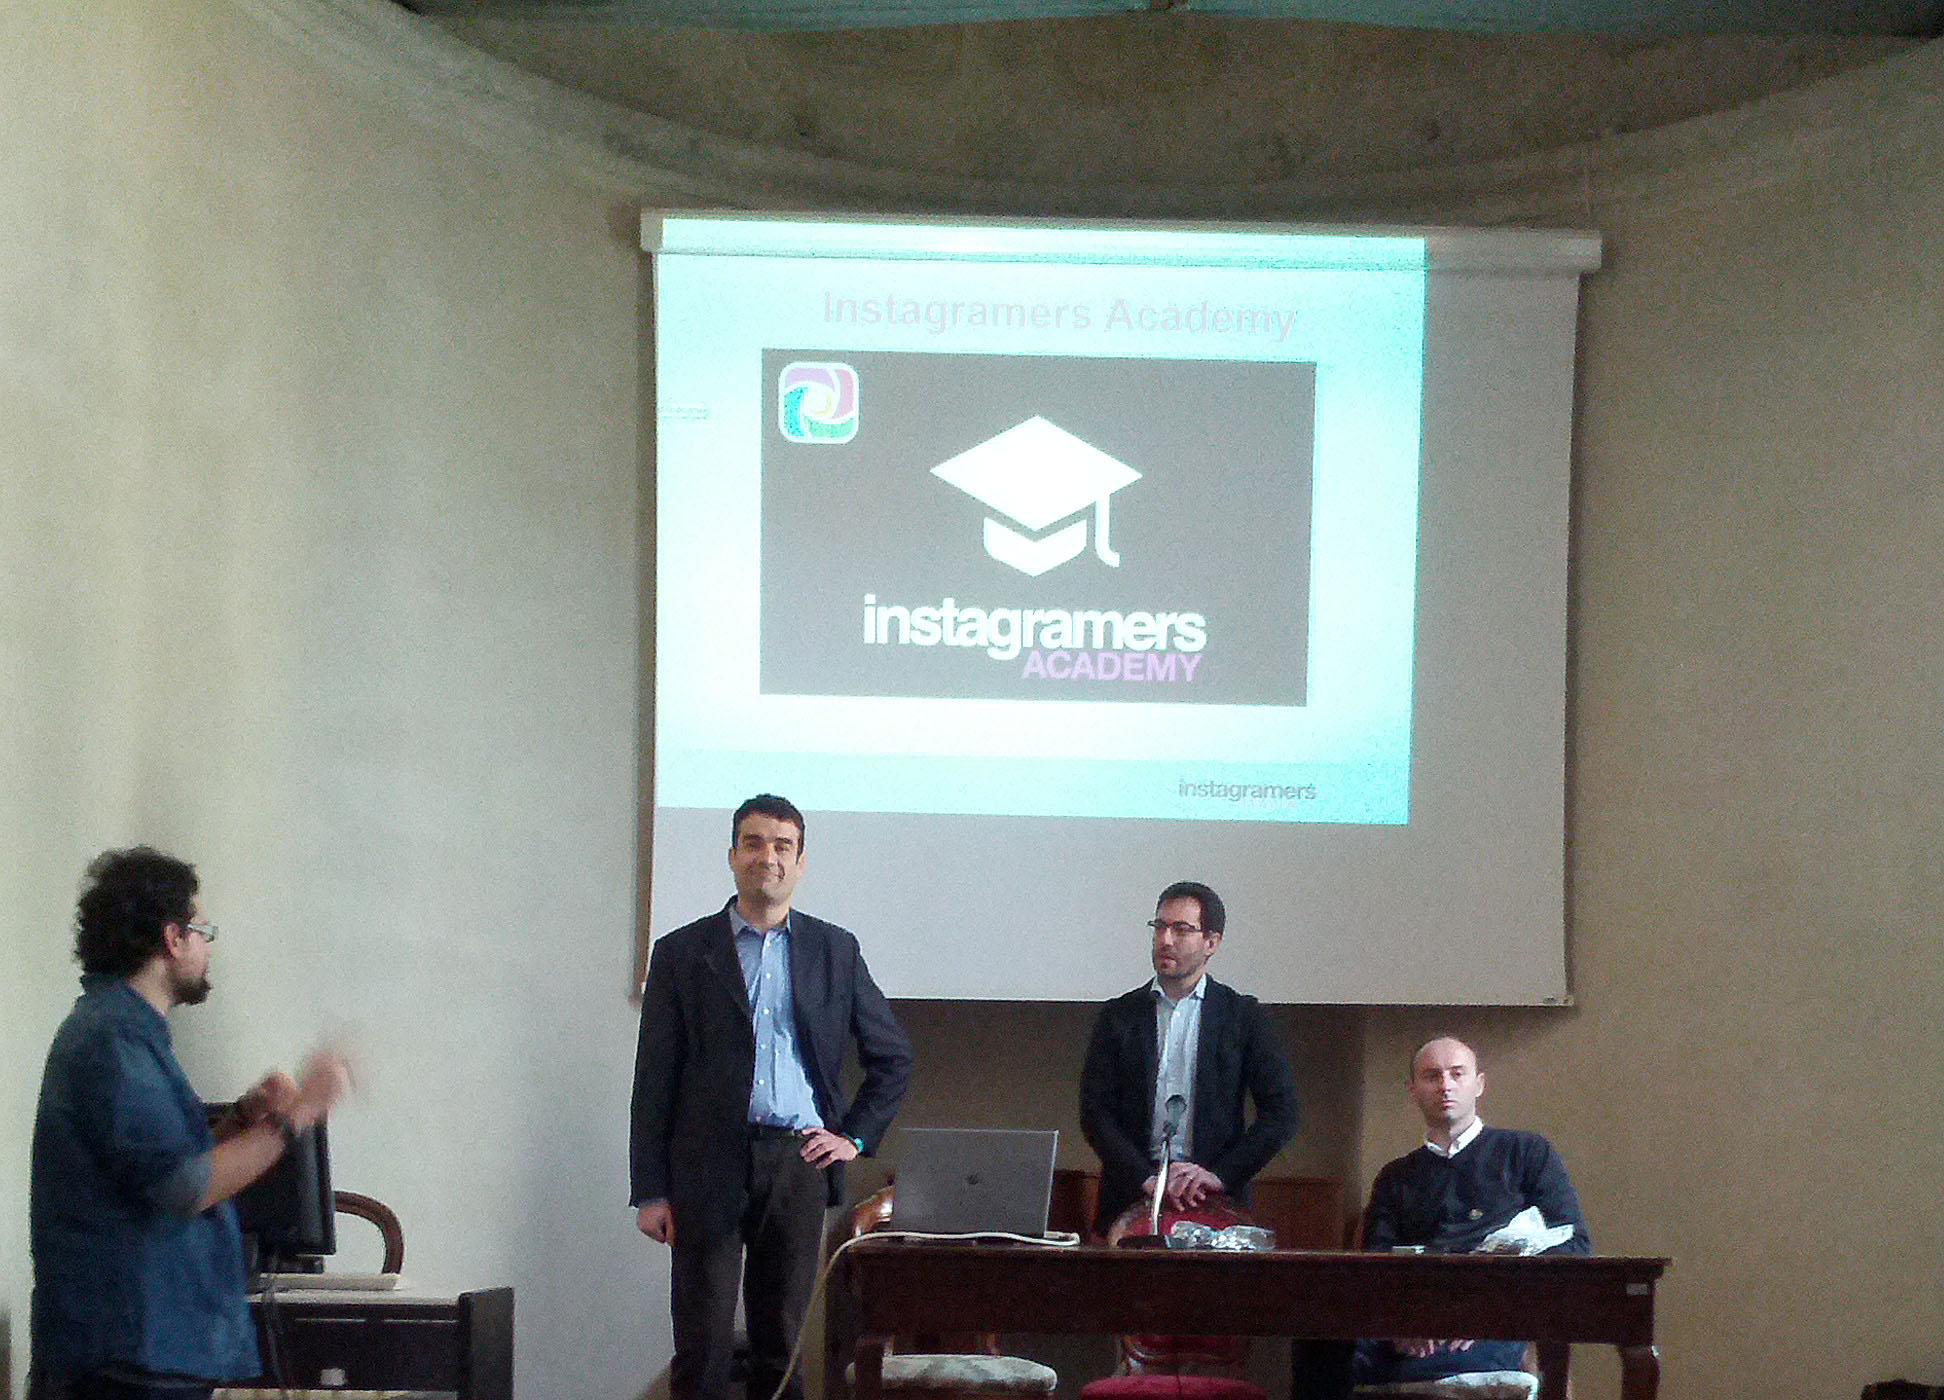 Instagramers Academy con (da sinistra) Davide Morante, Orazio Spoto e Antonio Ficai